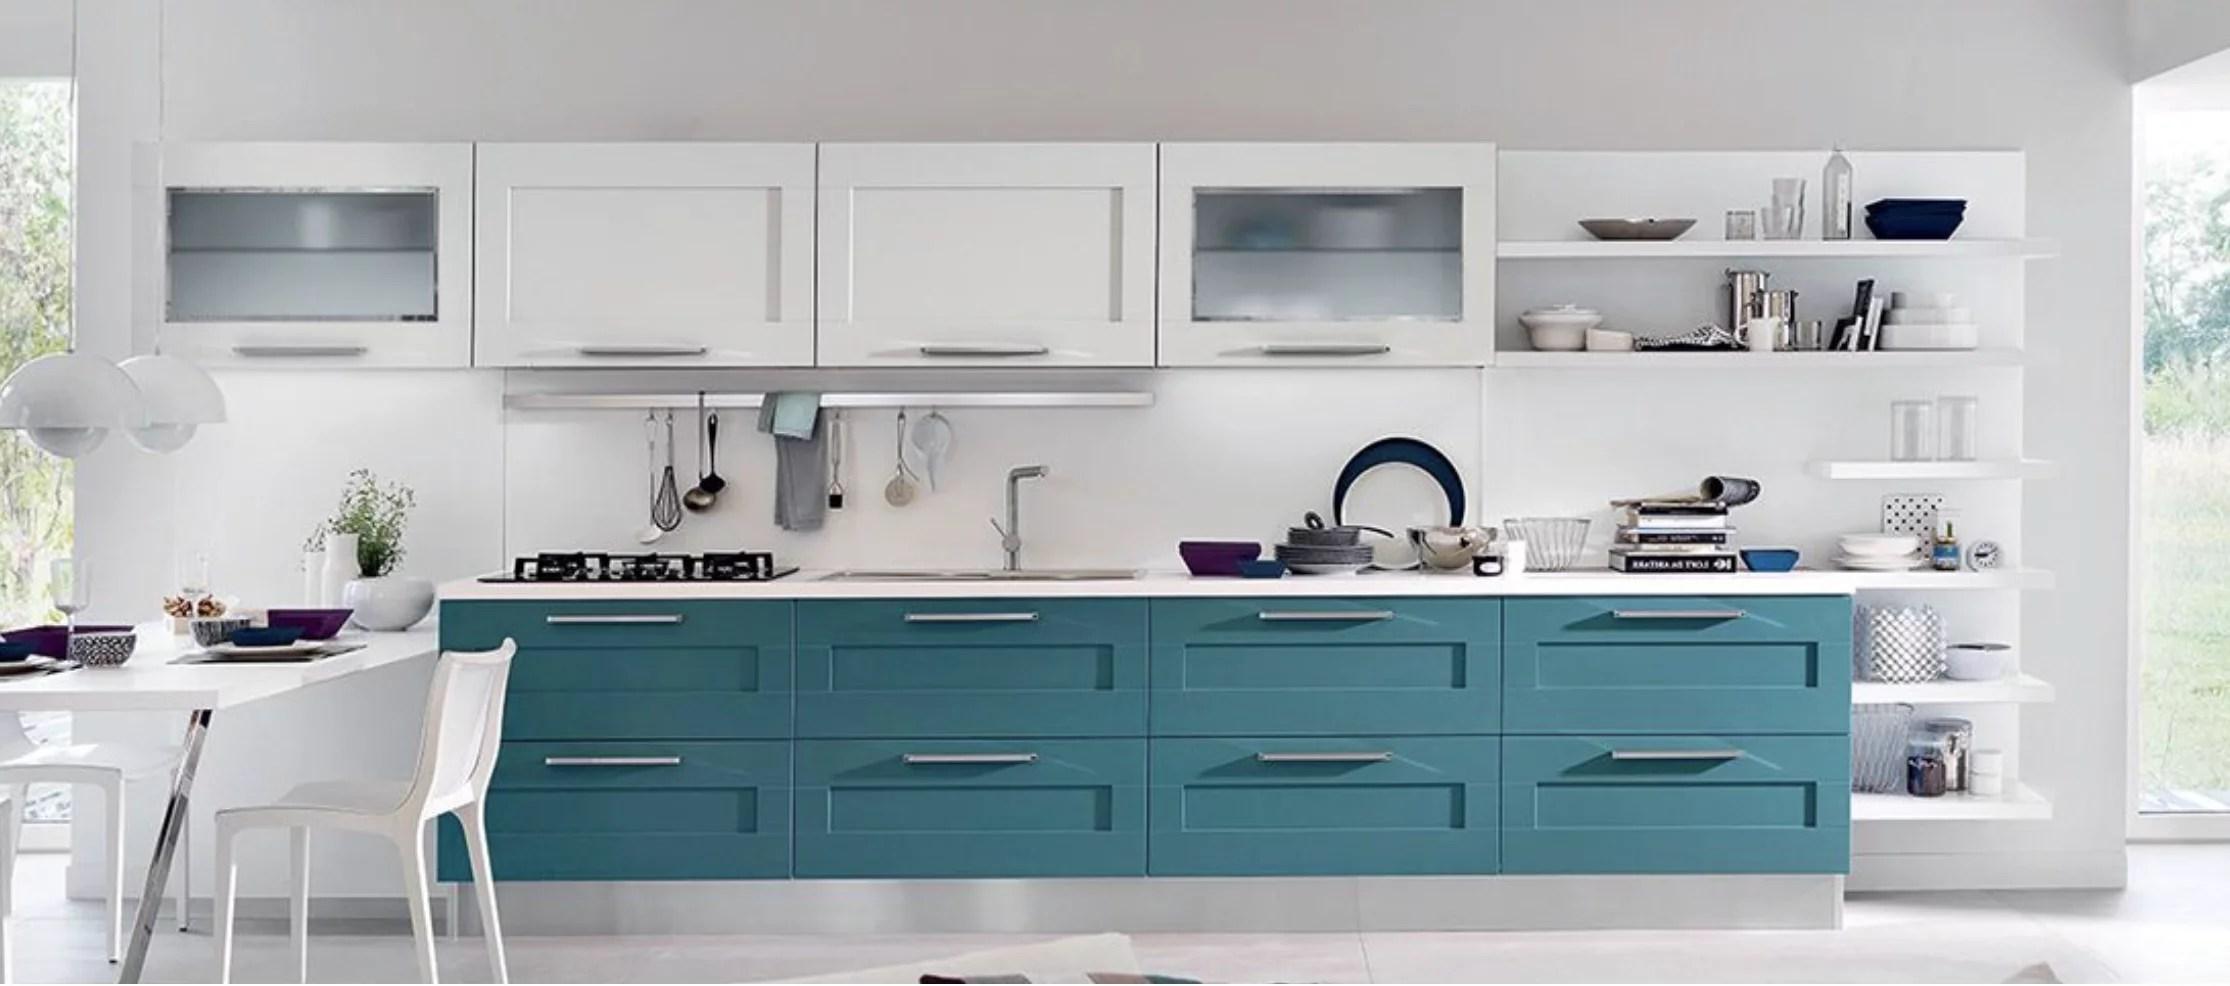 Cucina Moderna Bianca E Blu | Colori Cucina Quali Scegliere ...